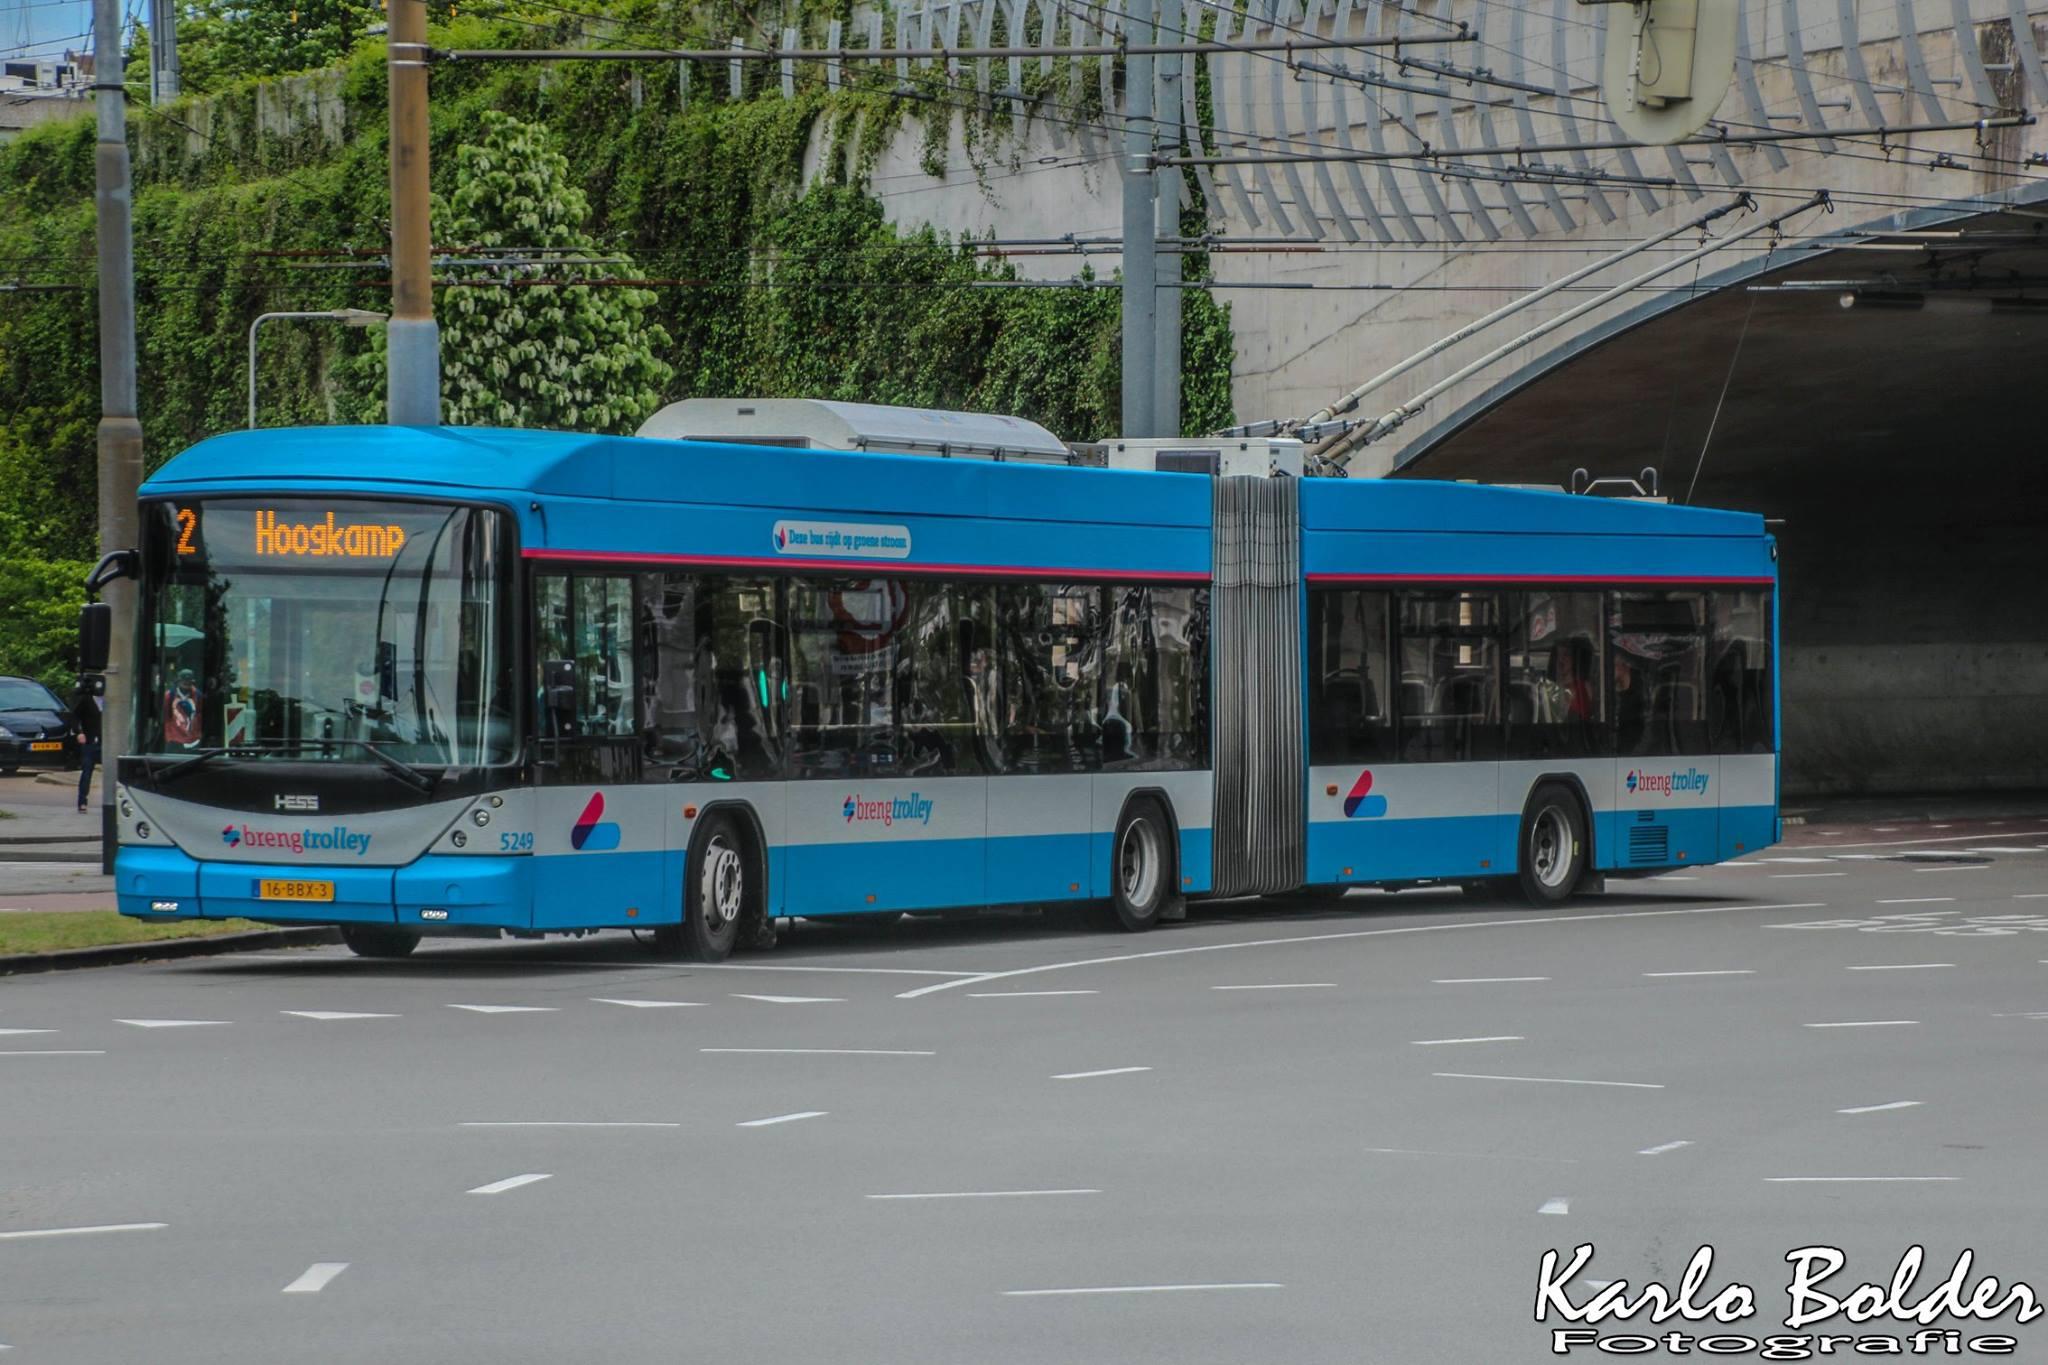 Vanaf 1 juli geen contant geld meer in de bus